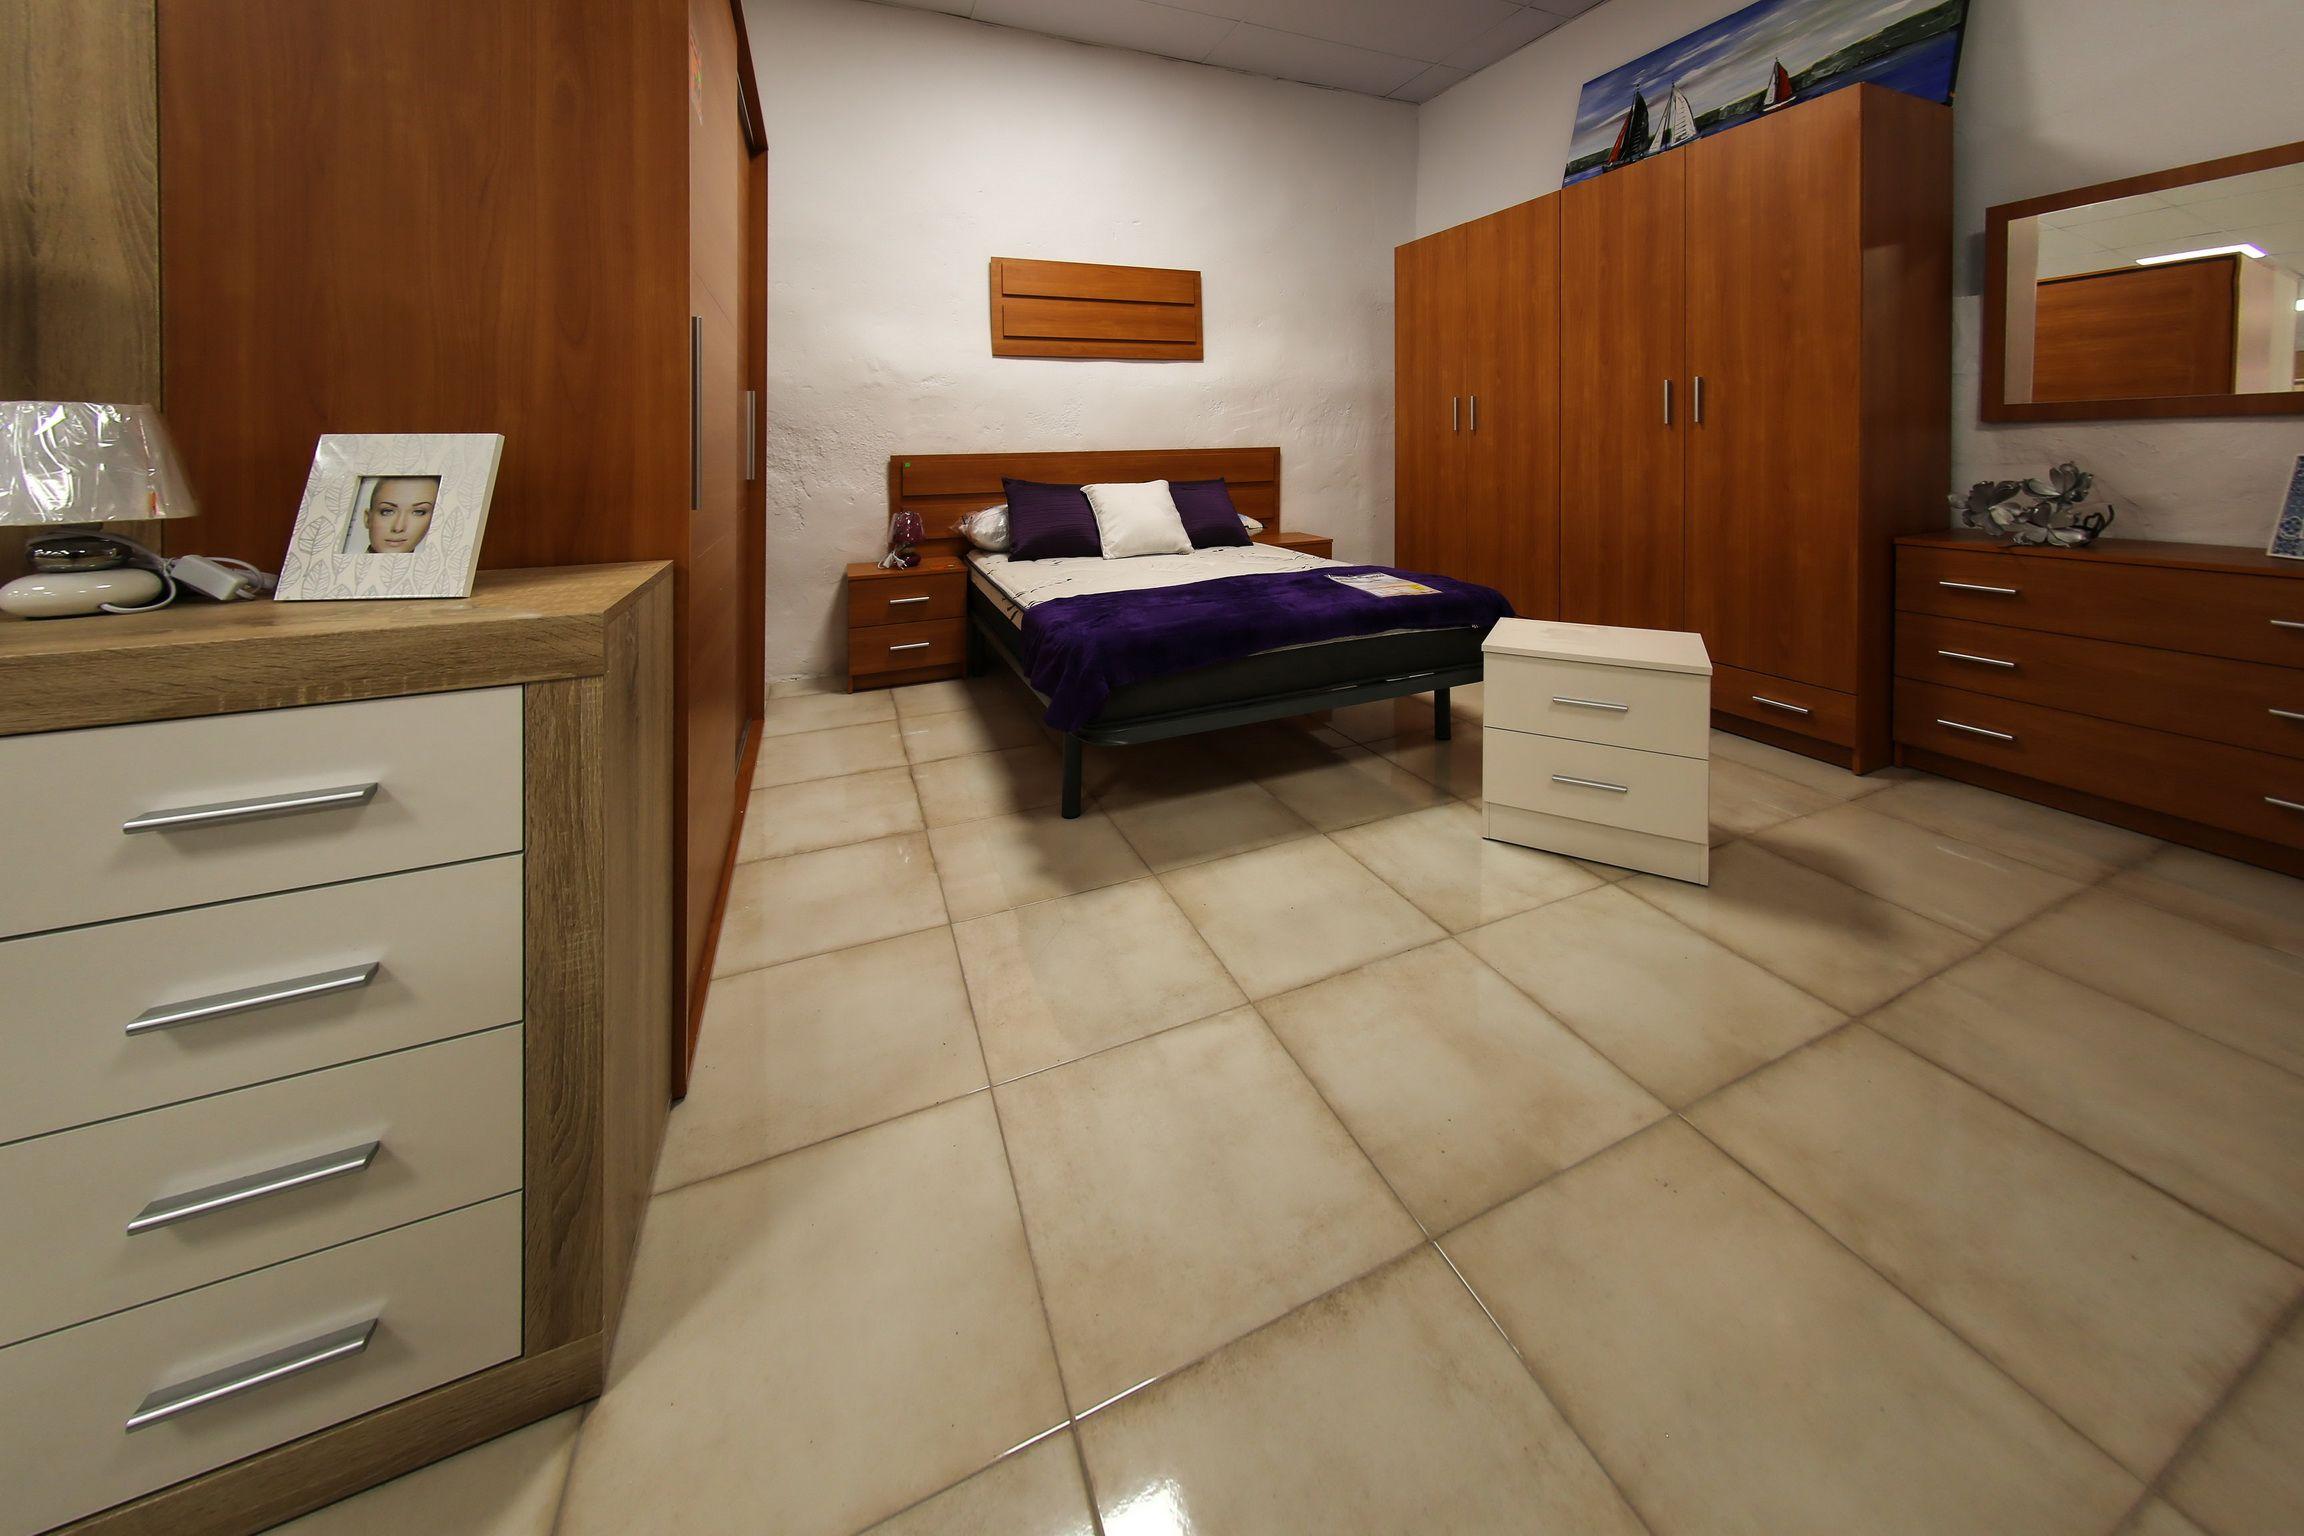 Venta de camas y armarios en Lleida